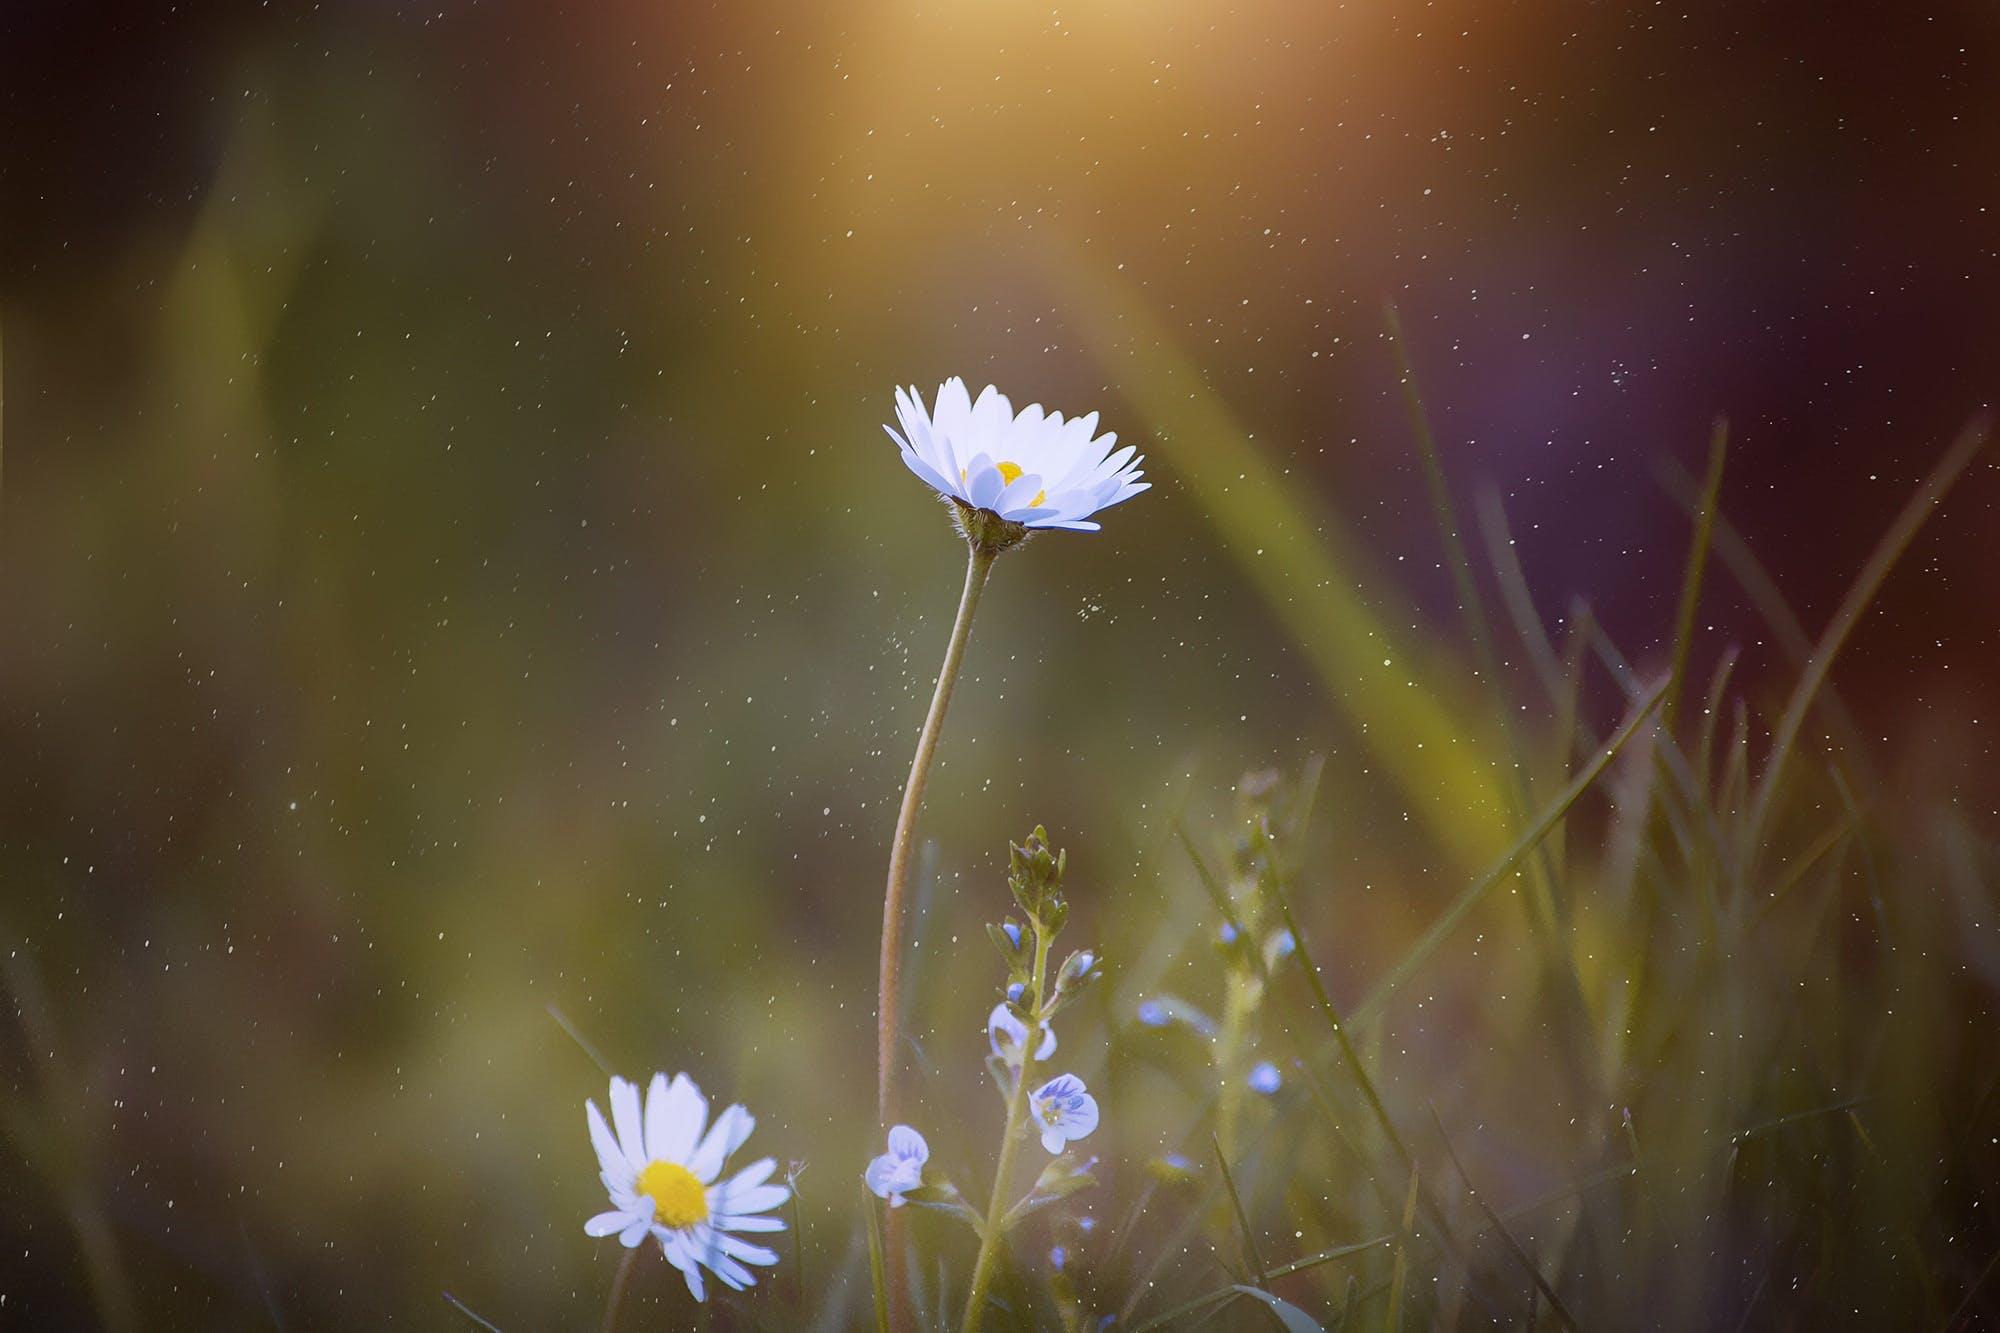 Gratis arkivbilde med blomster, blomsterblad, delikat, flora